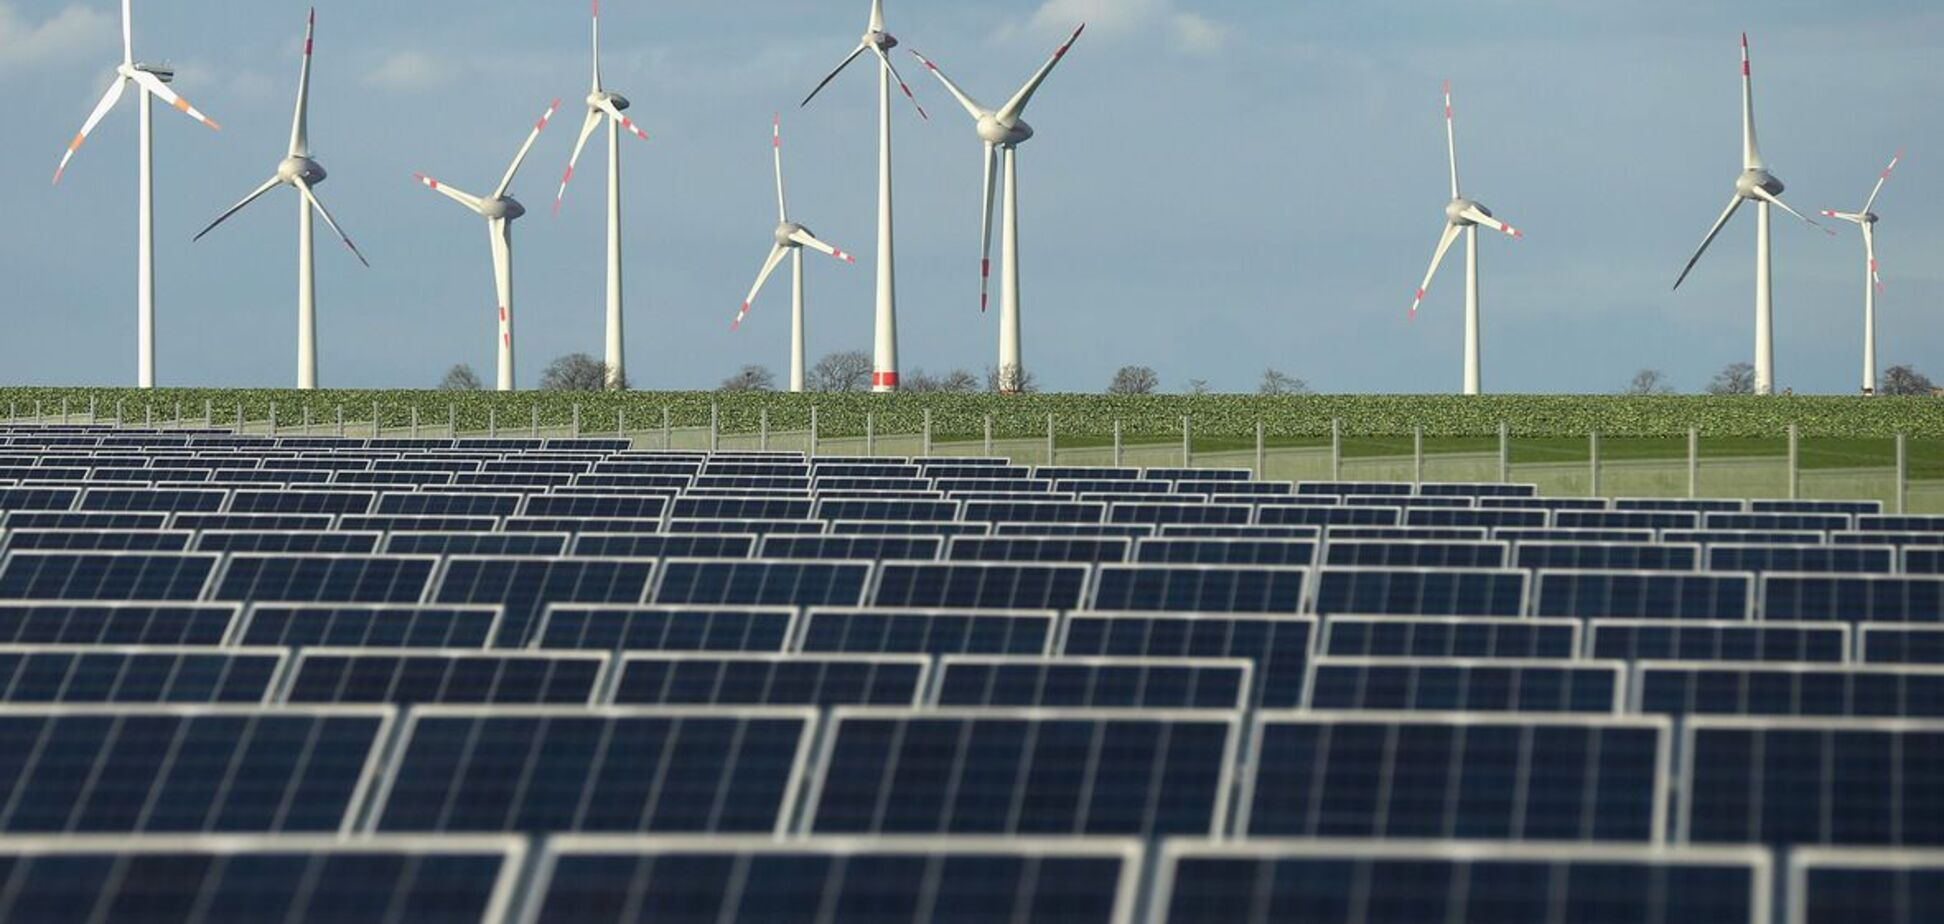 Активисты Пинчука пытаются уничтожить 'зеленую' энергетику, – Спивак